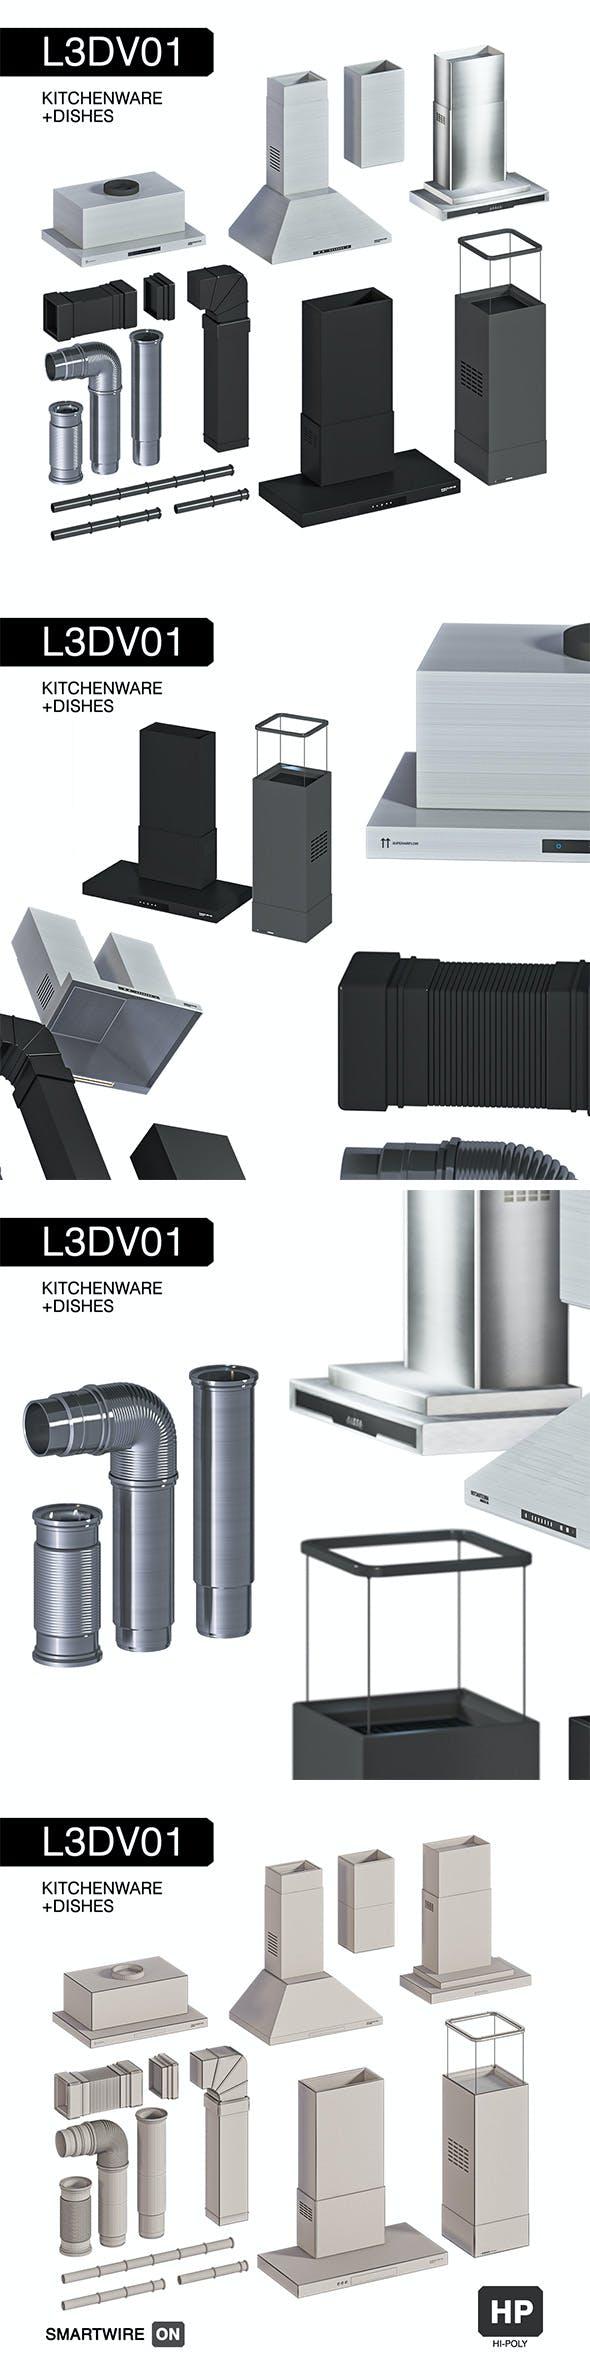 L3DV01G08 - kitchen hoods fans pipes set - 3DOcean Item for Sale